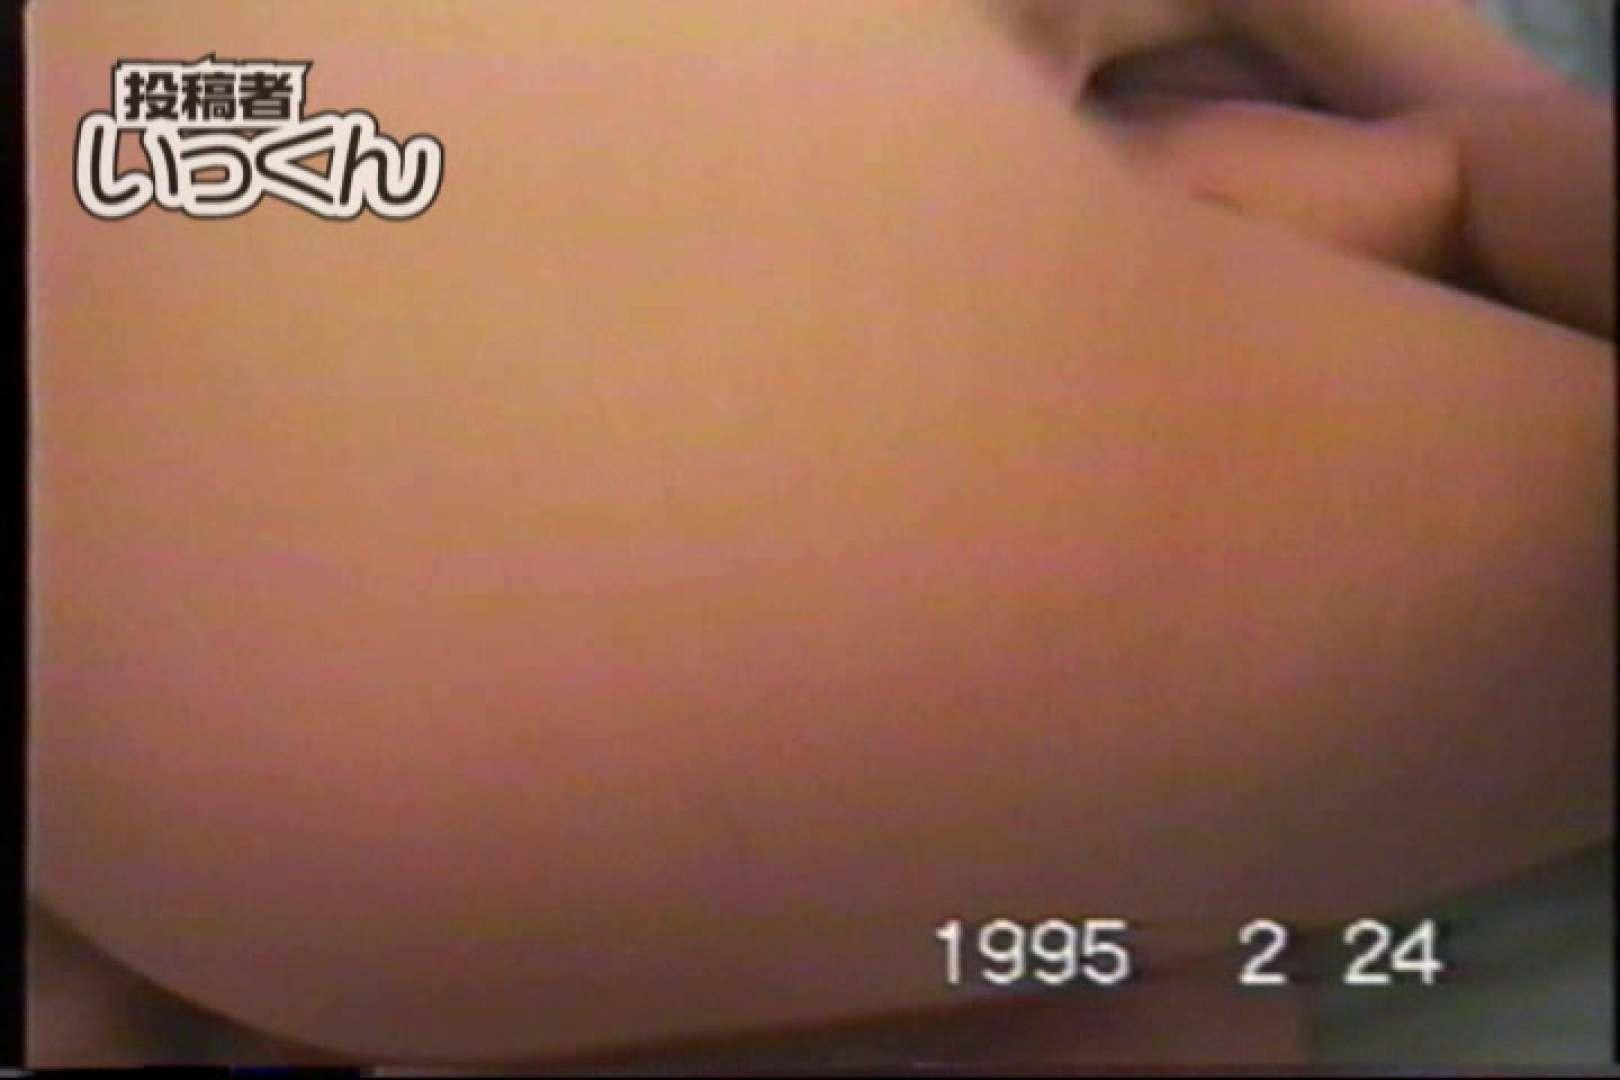 調教師いっくんの ちほ撮影バレ 一般投稿  57pic 22